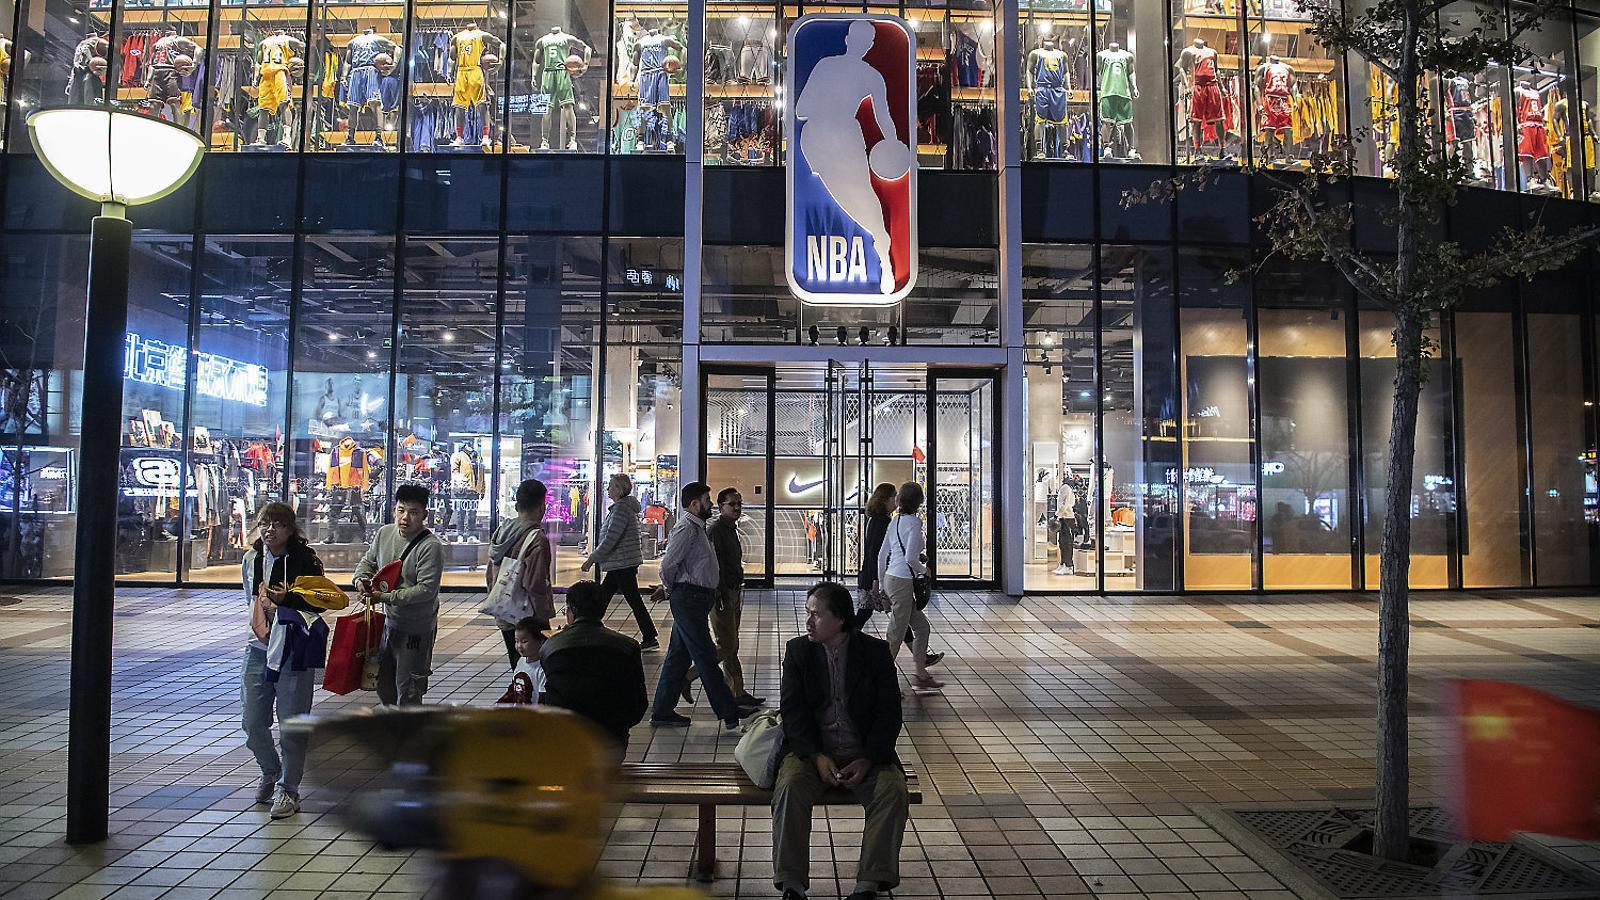 Aficionats caminant prop d'una botiga de la NBA.